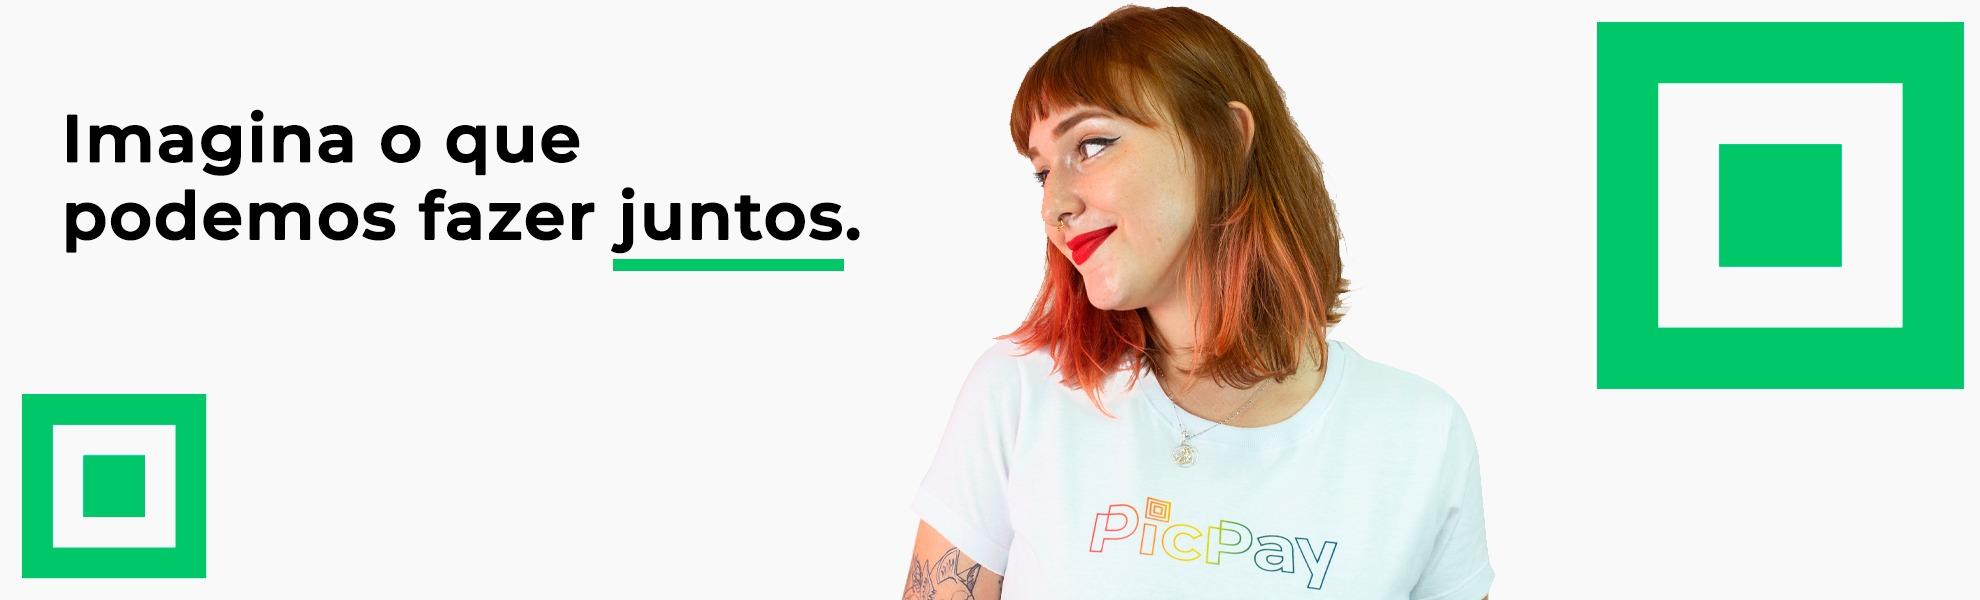 Desenvolvedor PHP - Sênior | Engenharia de Plataforma